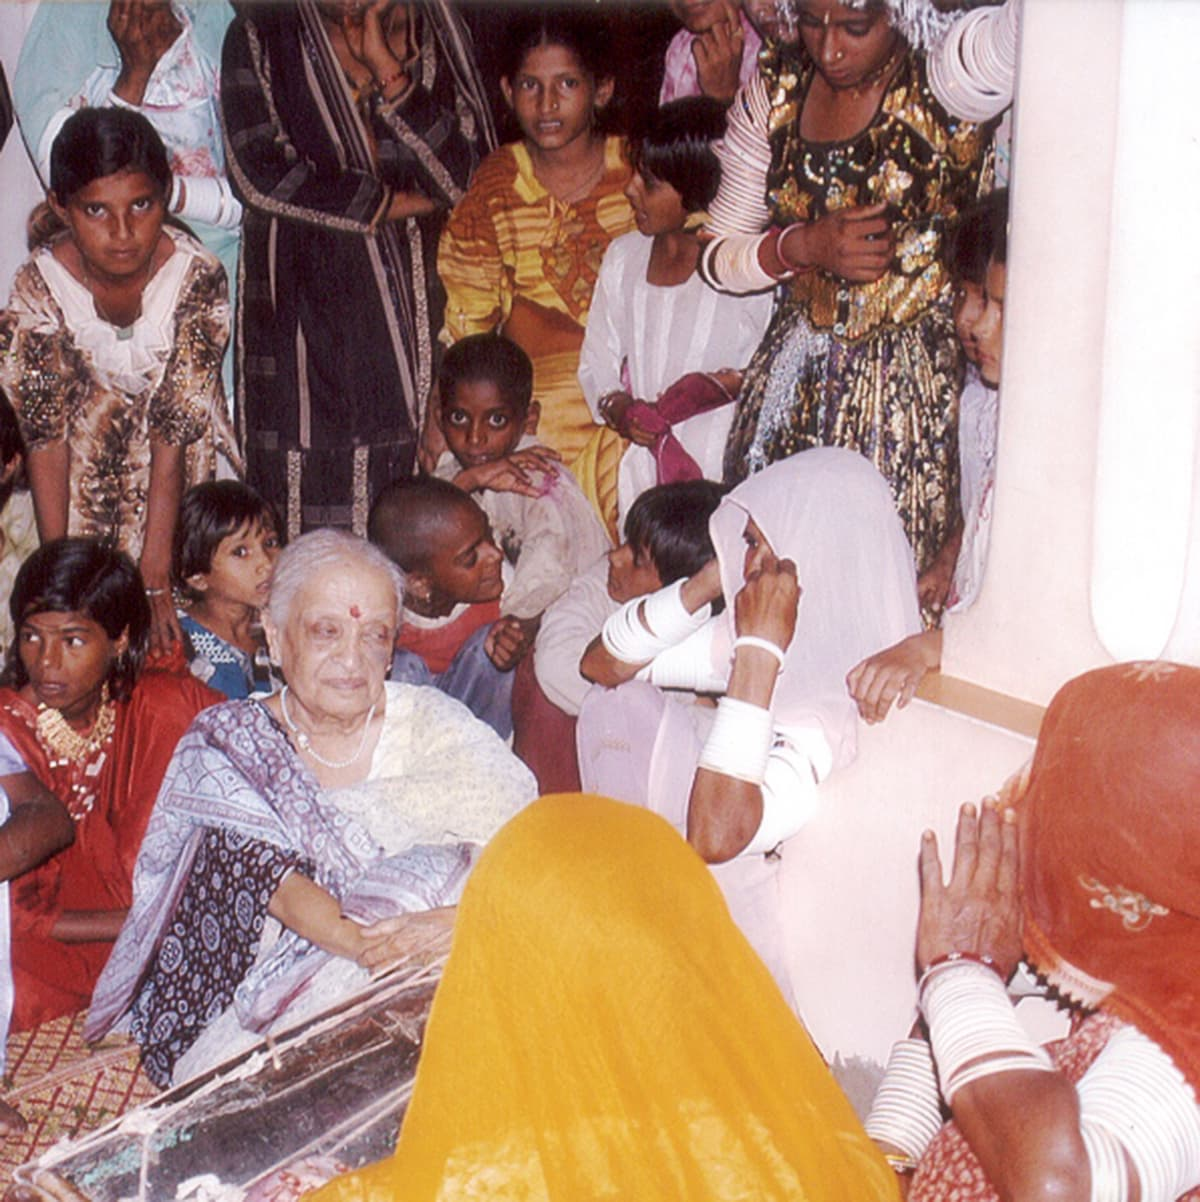 بجیا عمر کوٹ کی راجپوت خواتین کے ساتھ